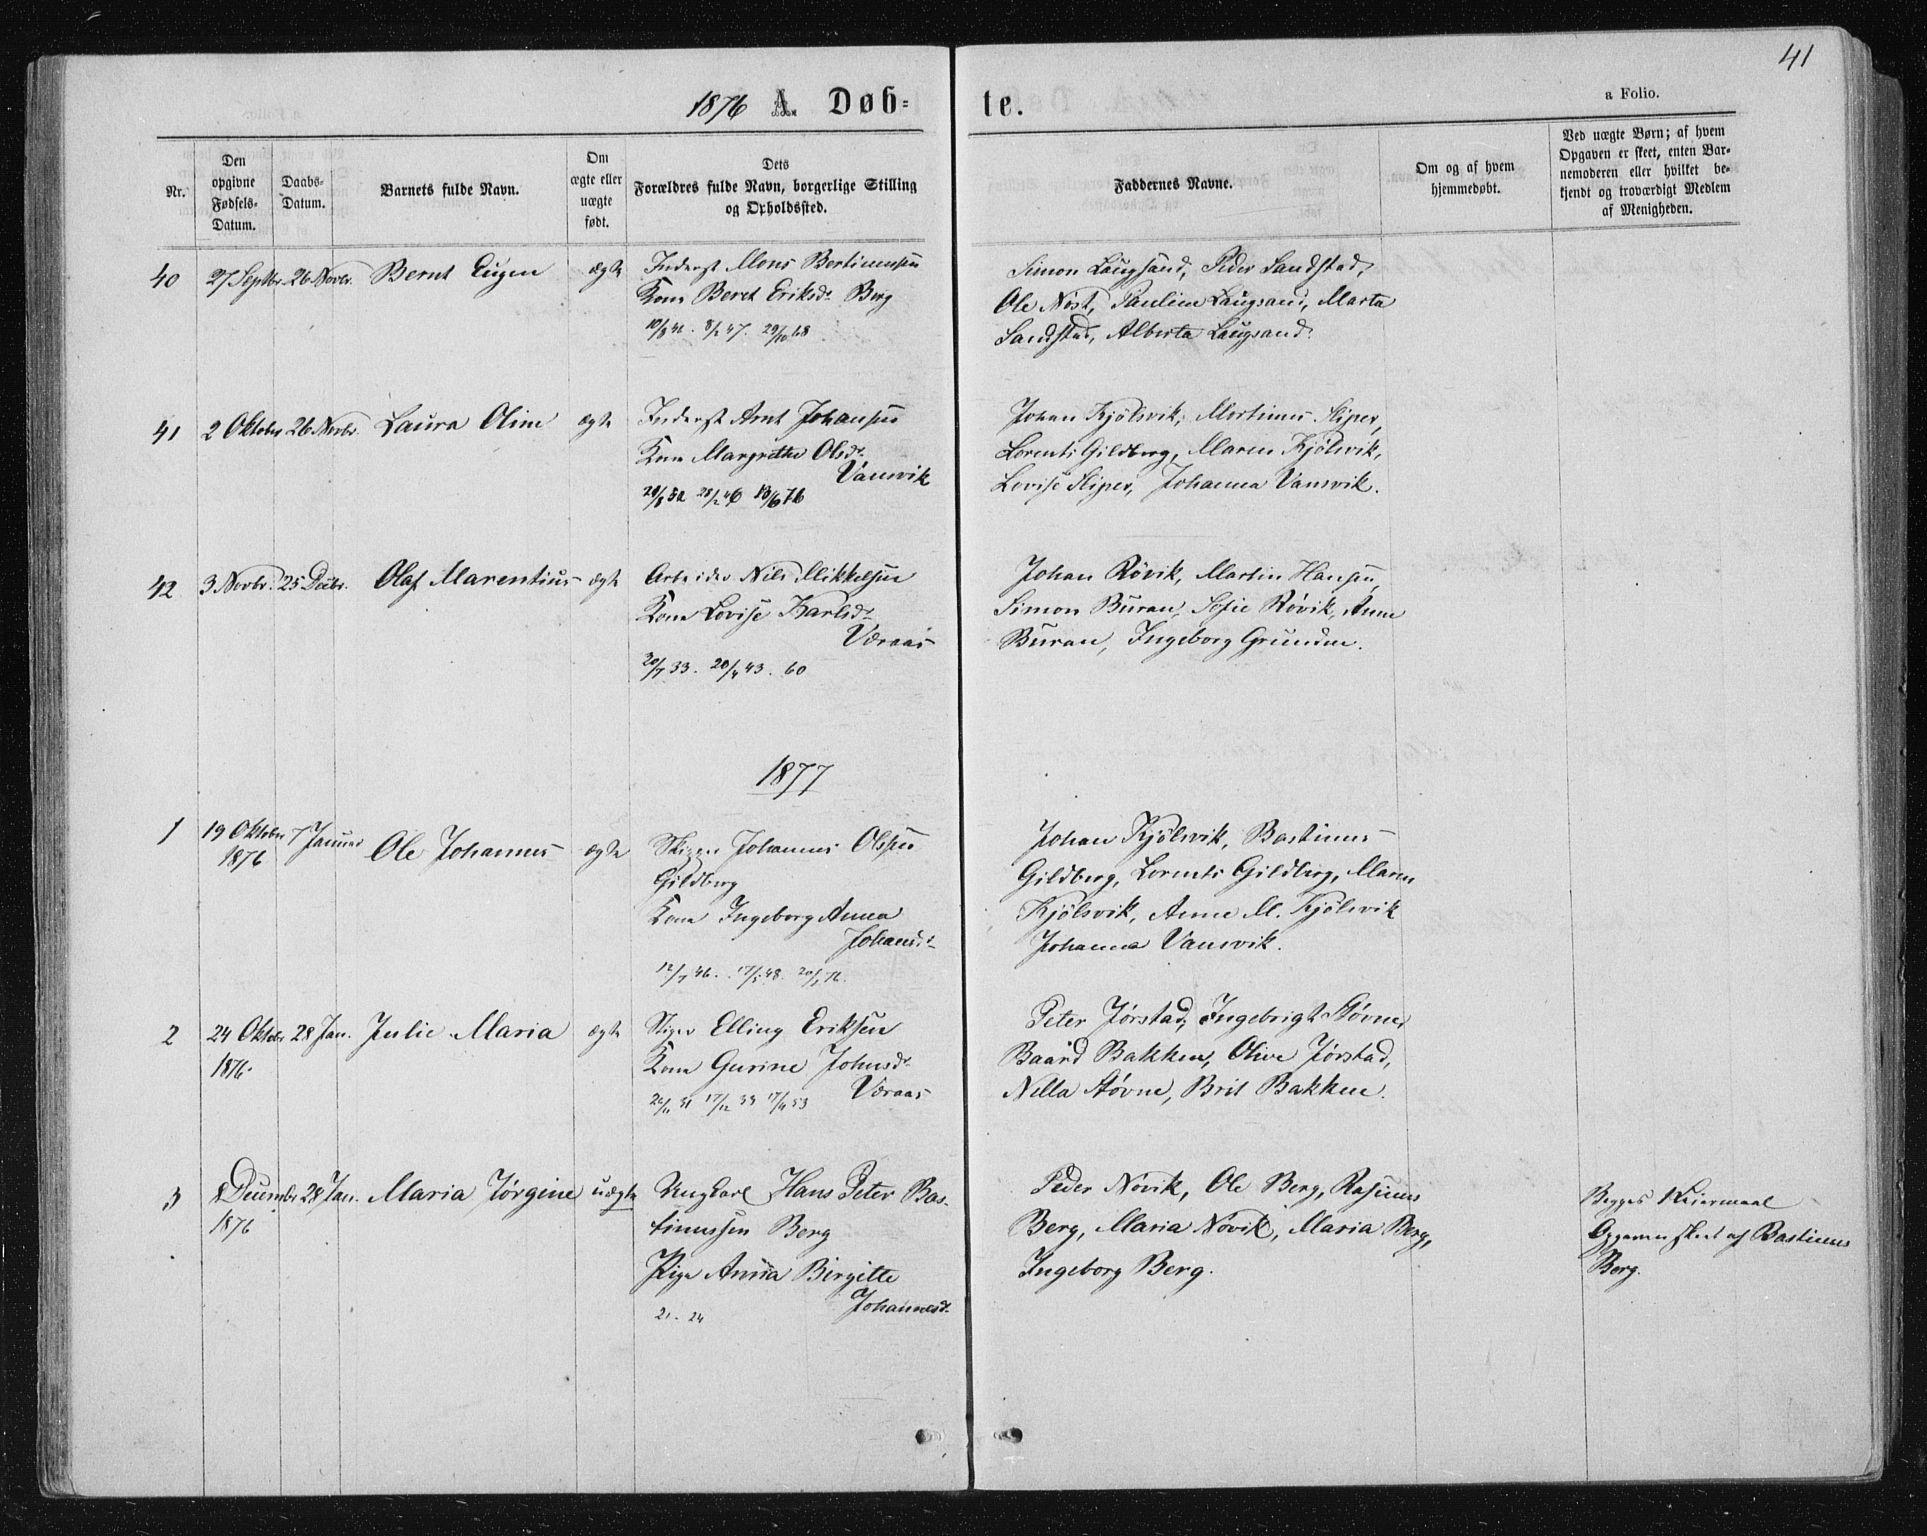 SAT, Ministerialprotokoller, klokkerbøker og fødselsregistre - Nord-Trøndelag, 722/L0219: Ministerialbok nr. 722A06, 1868-1880, s. 41